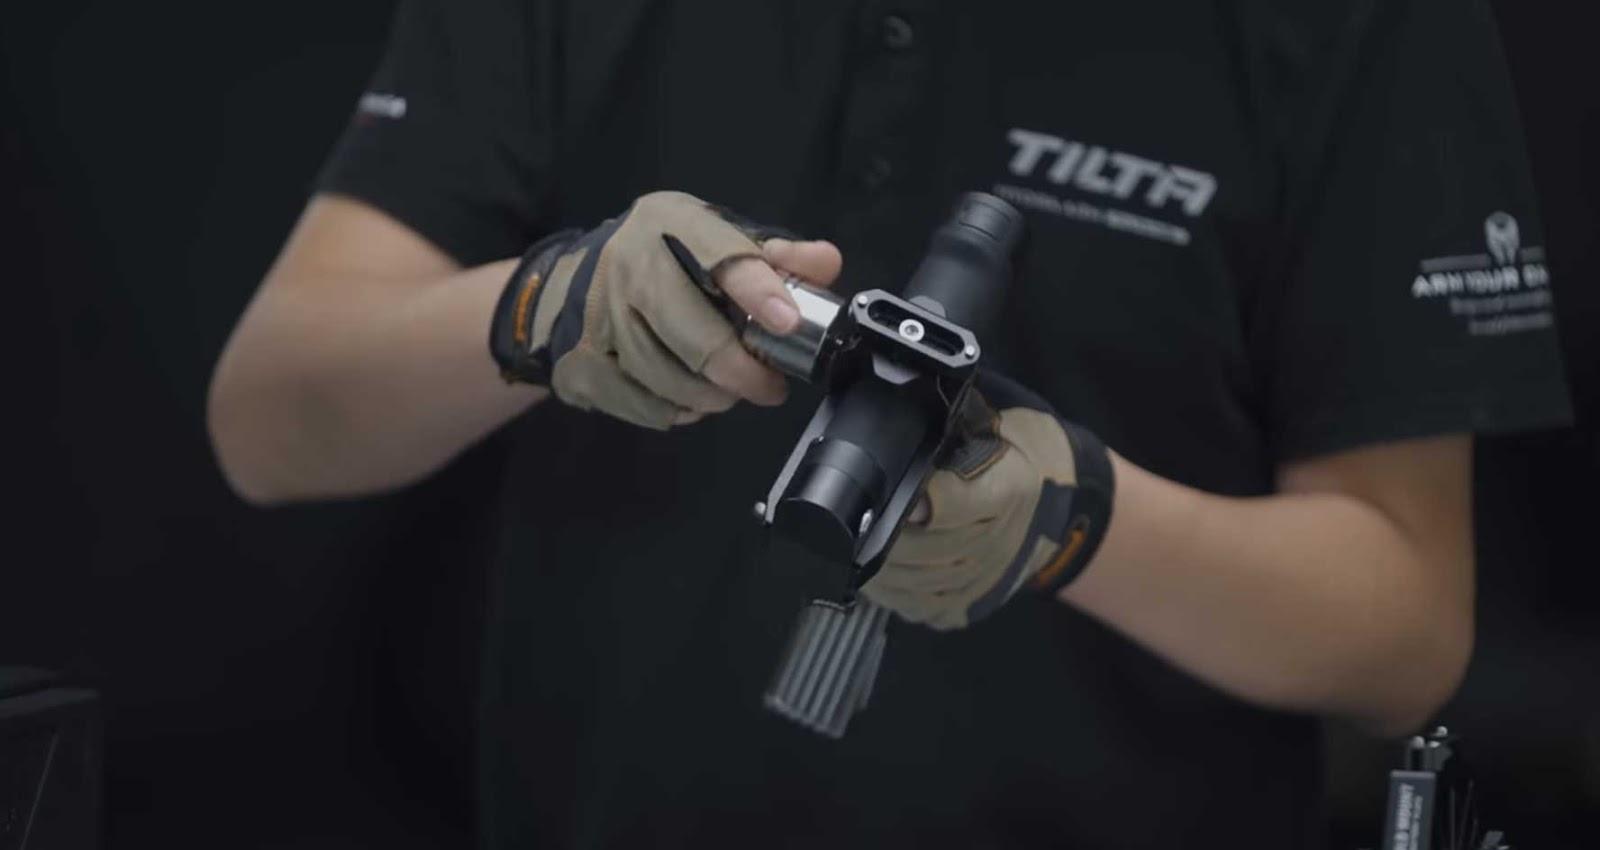 Tilta Float system counterweight